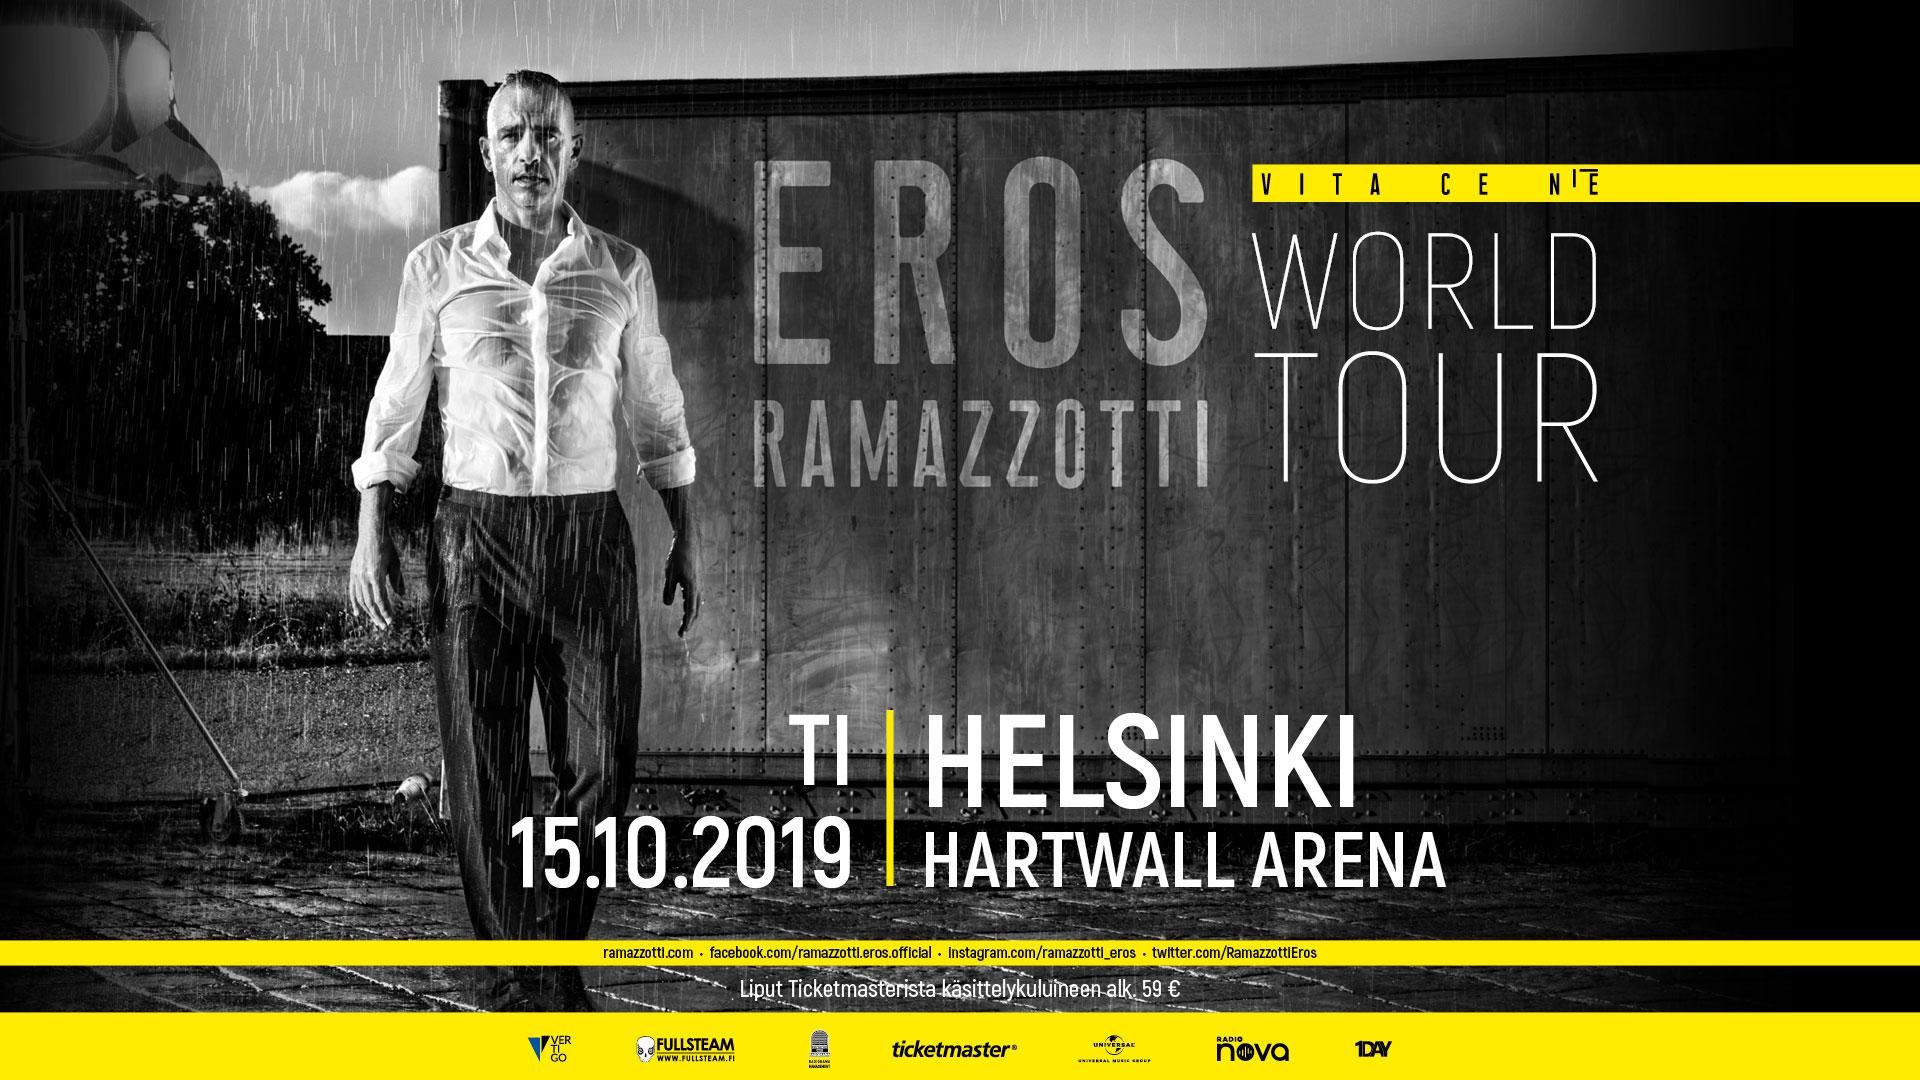 Link to event Eros Ramazzotti